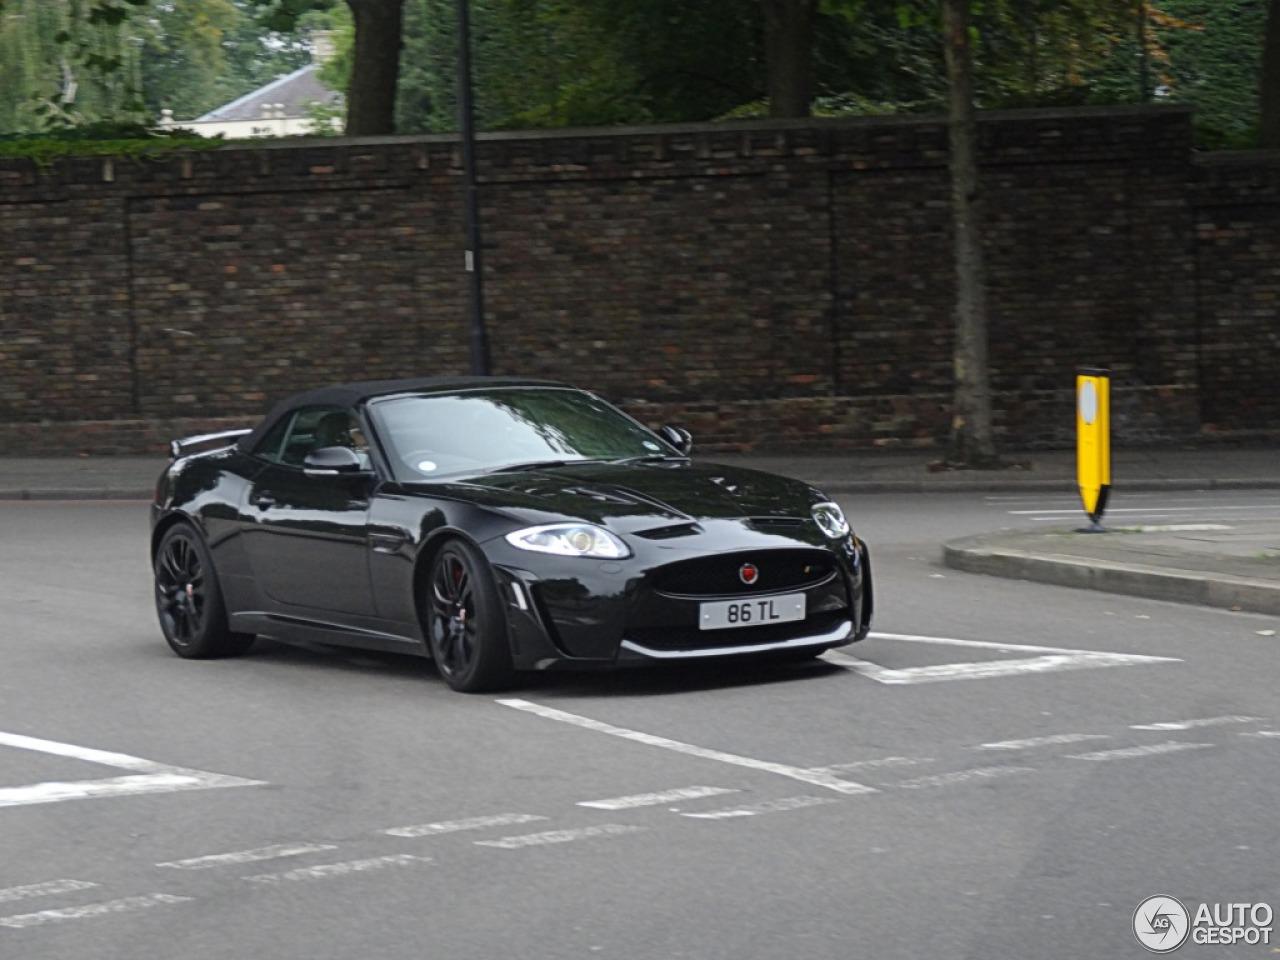 Jaguar XKR-S Convertible 2012 - 23 September 2013 - Autogespot